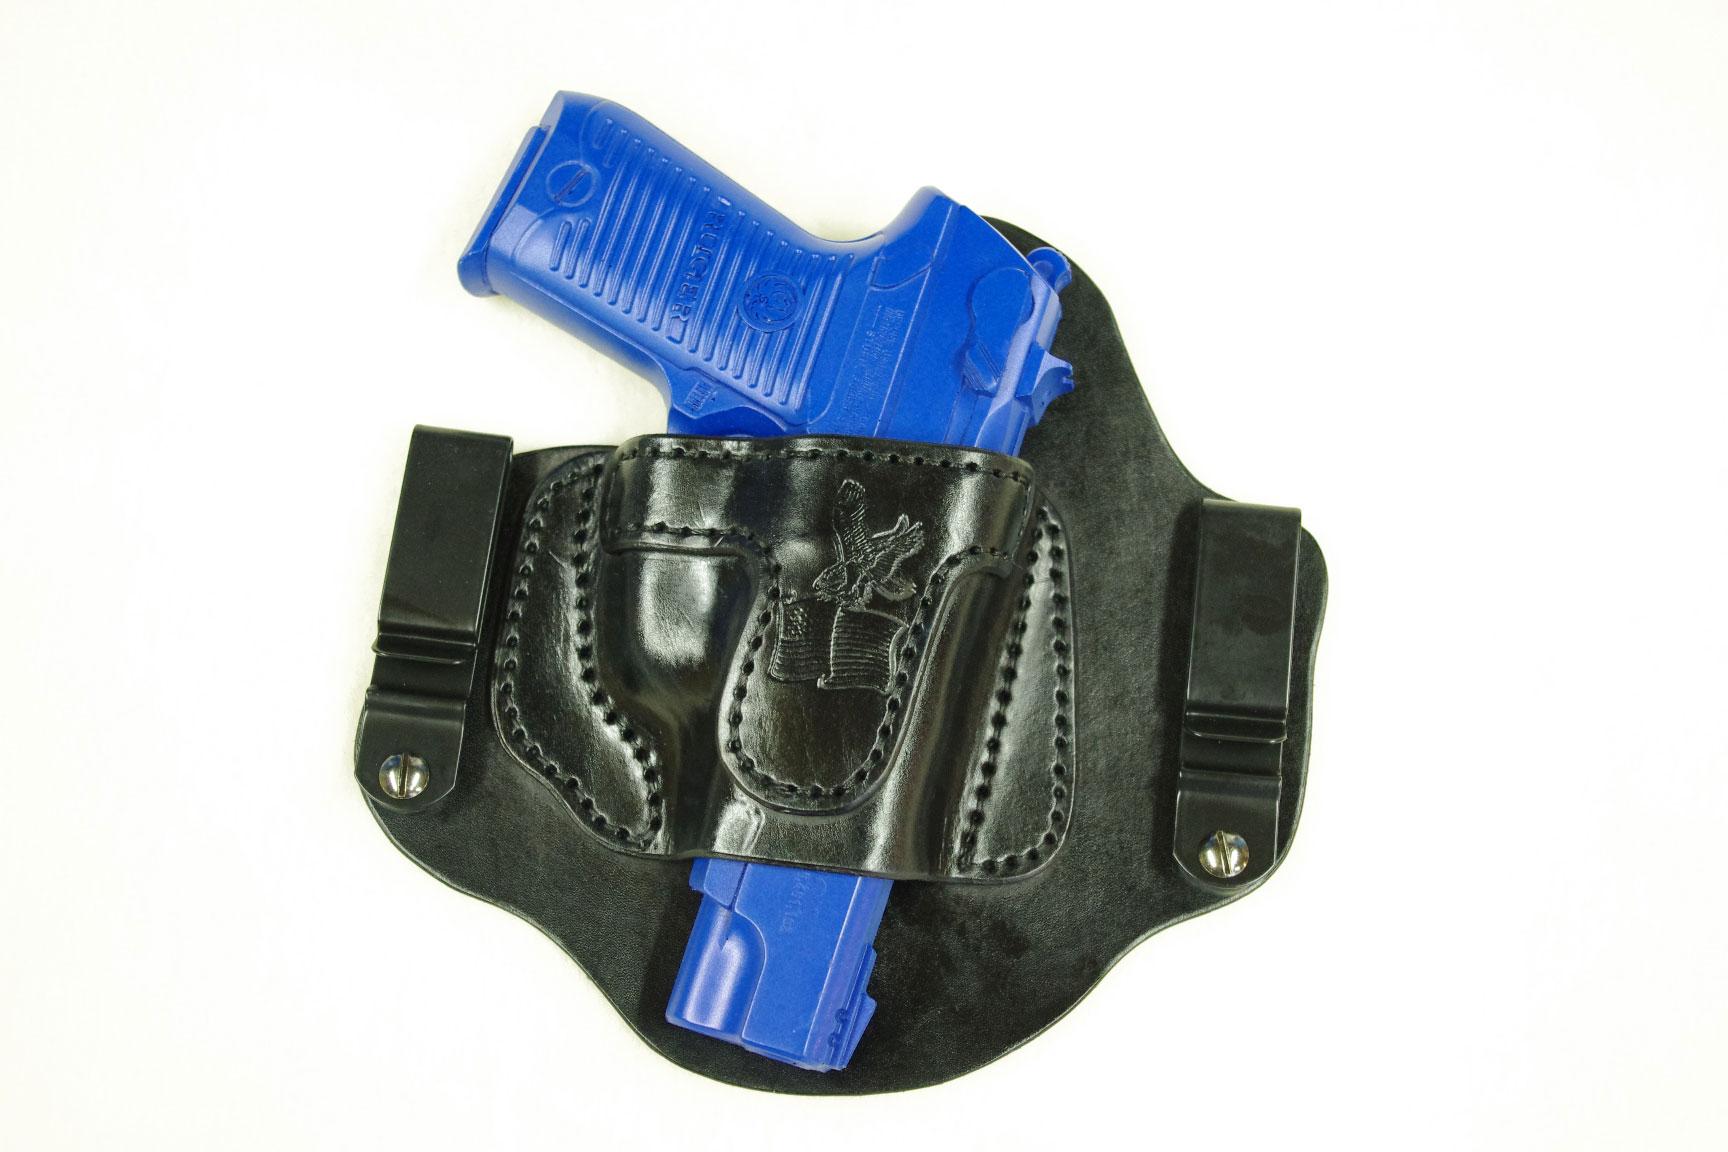 edc. iwb. holster for glock 23?-mark-holthus-p90.jpg